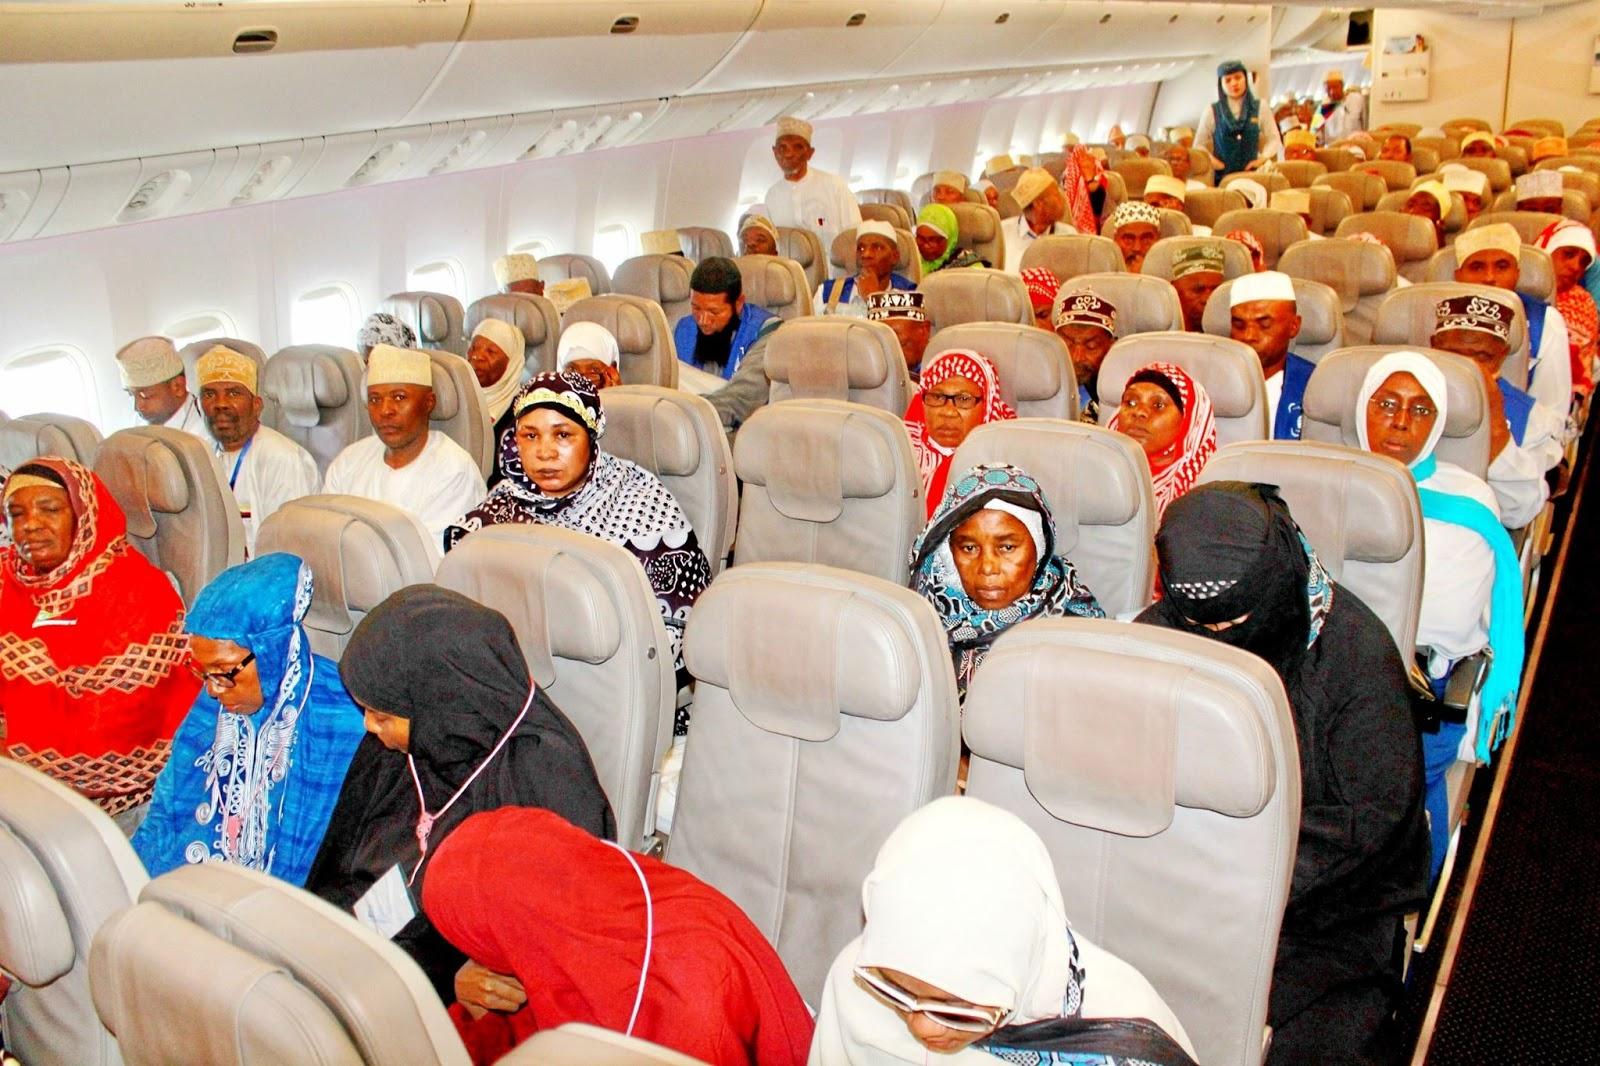 Les avions des pèlerins sans nourriture?